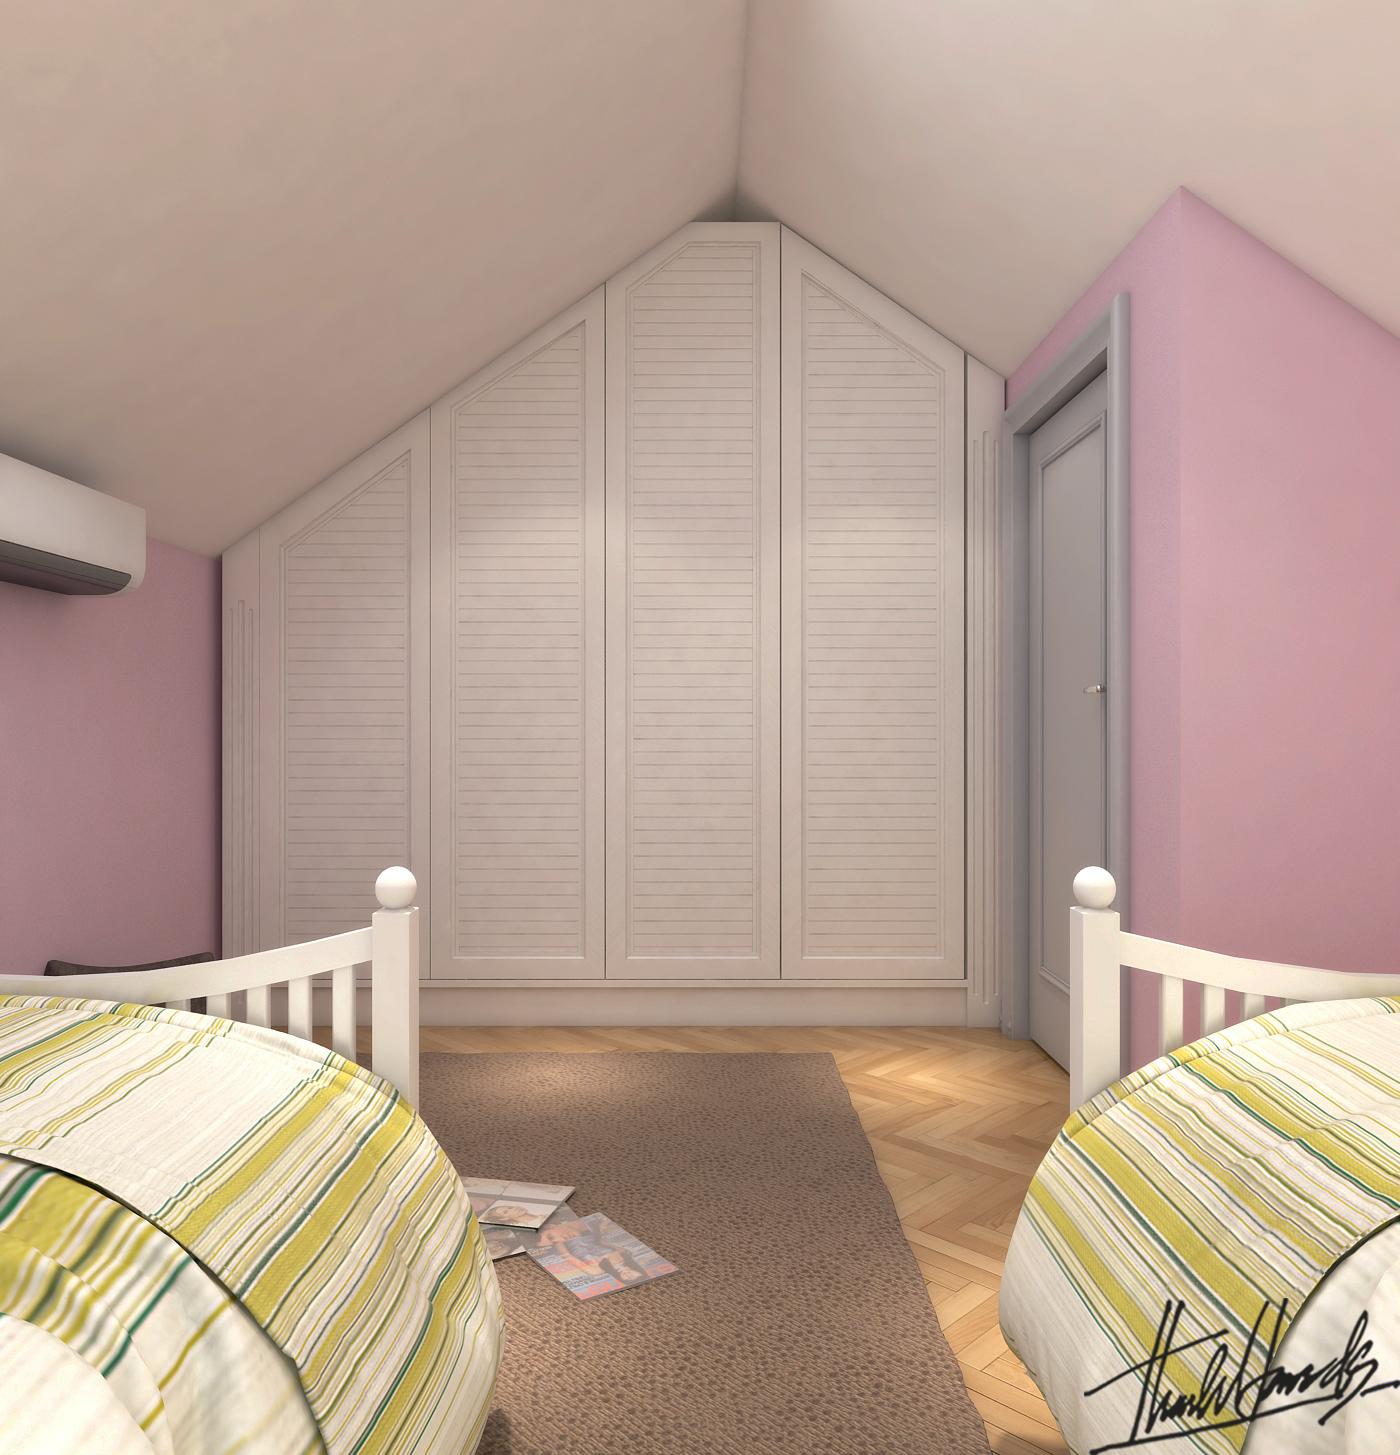 thiết kế nội thất Biệt Thự tại Hà Nội bt Vinhomes - riverside 9 1568274523